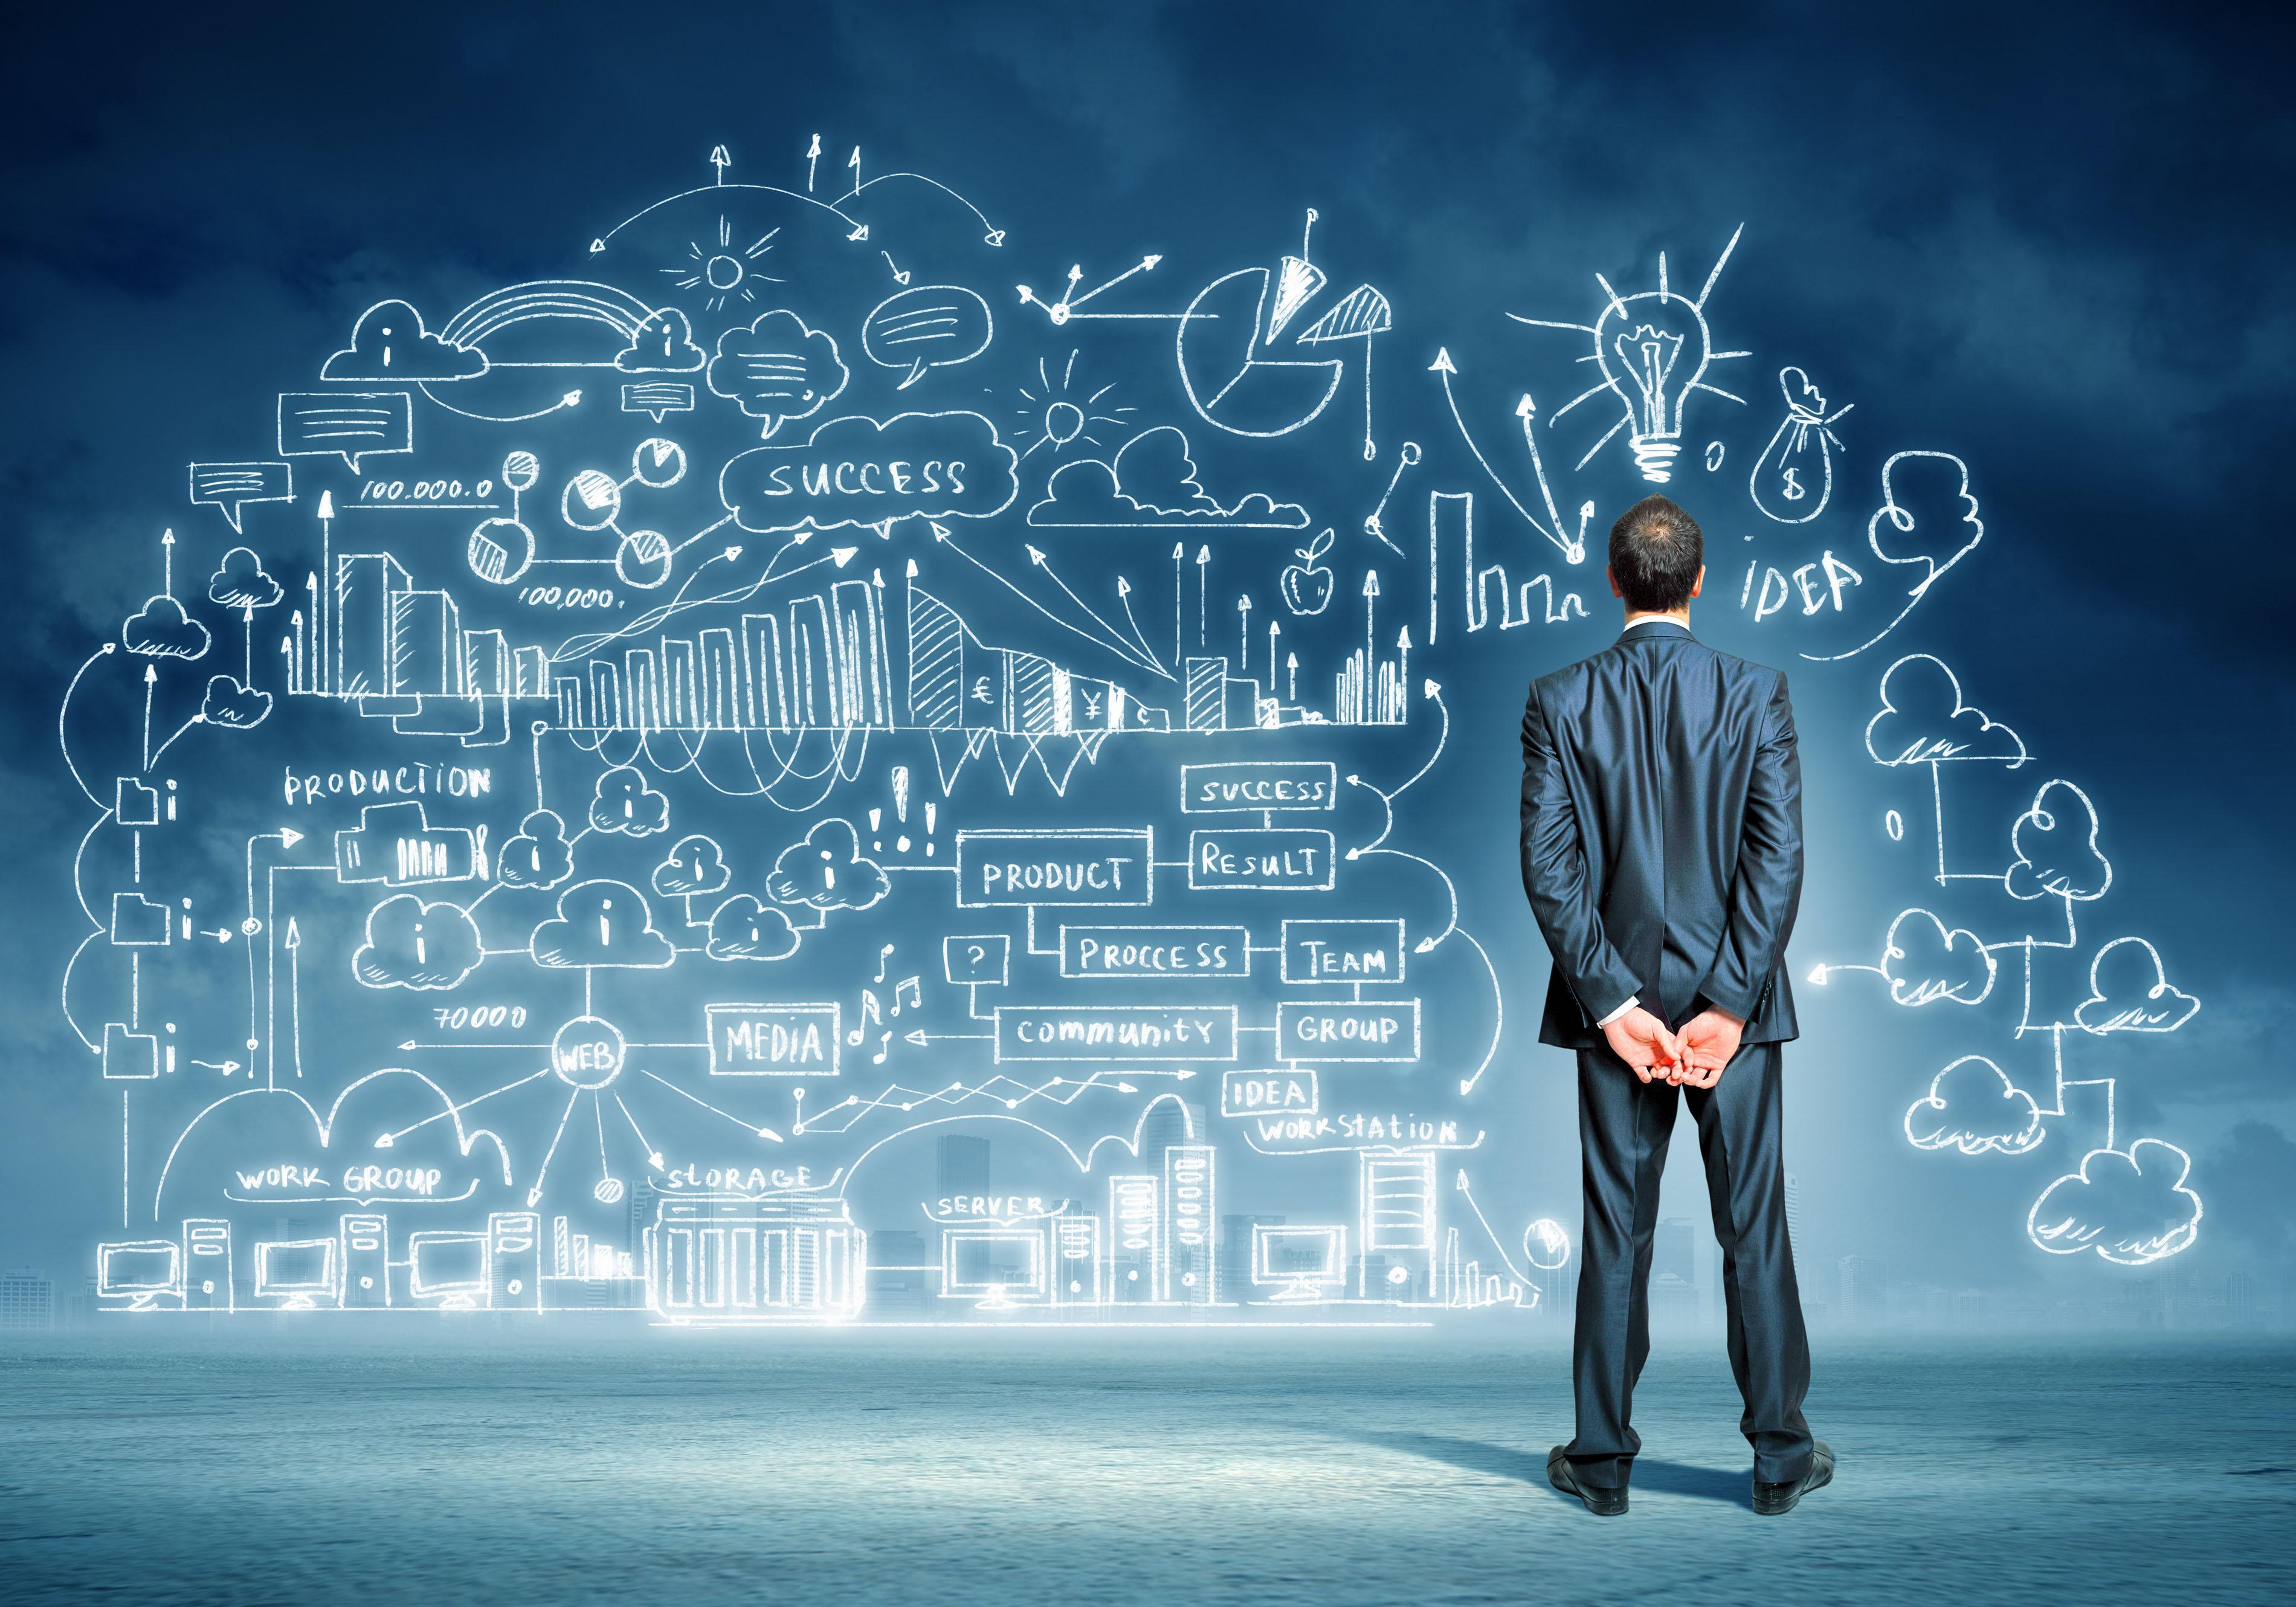 مصاحبه با رتبه یک دکتری مدیریت کارآفرینی بین المللی